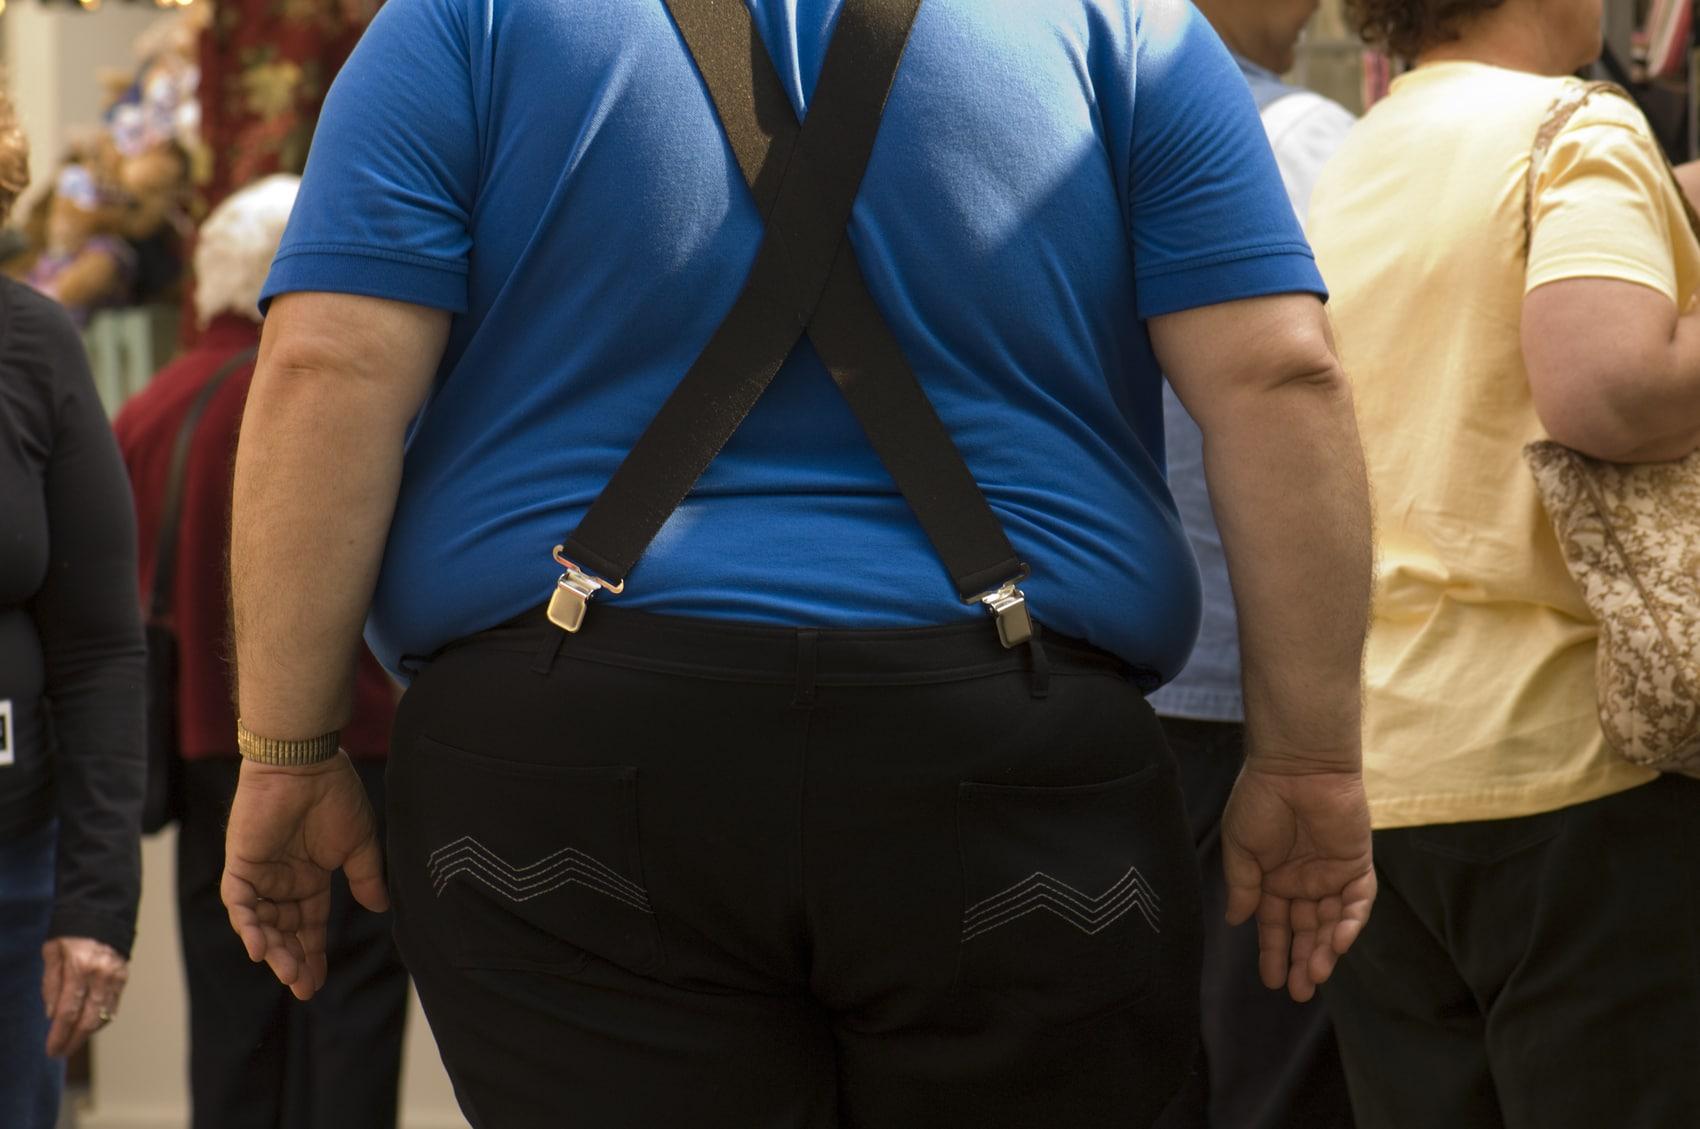 Sperm Health: Obesity Lowers Men's Sperm Quality